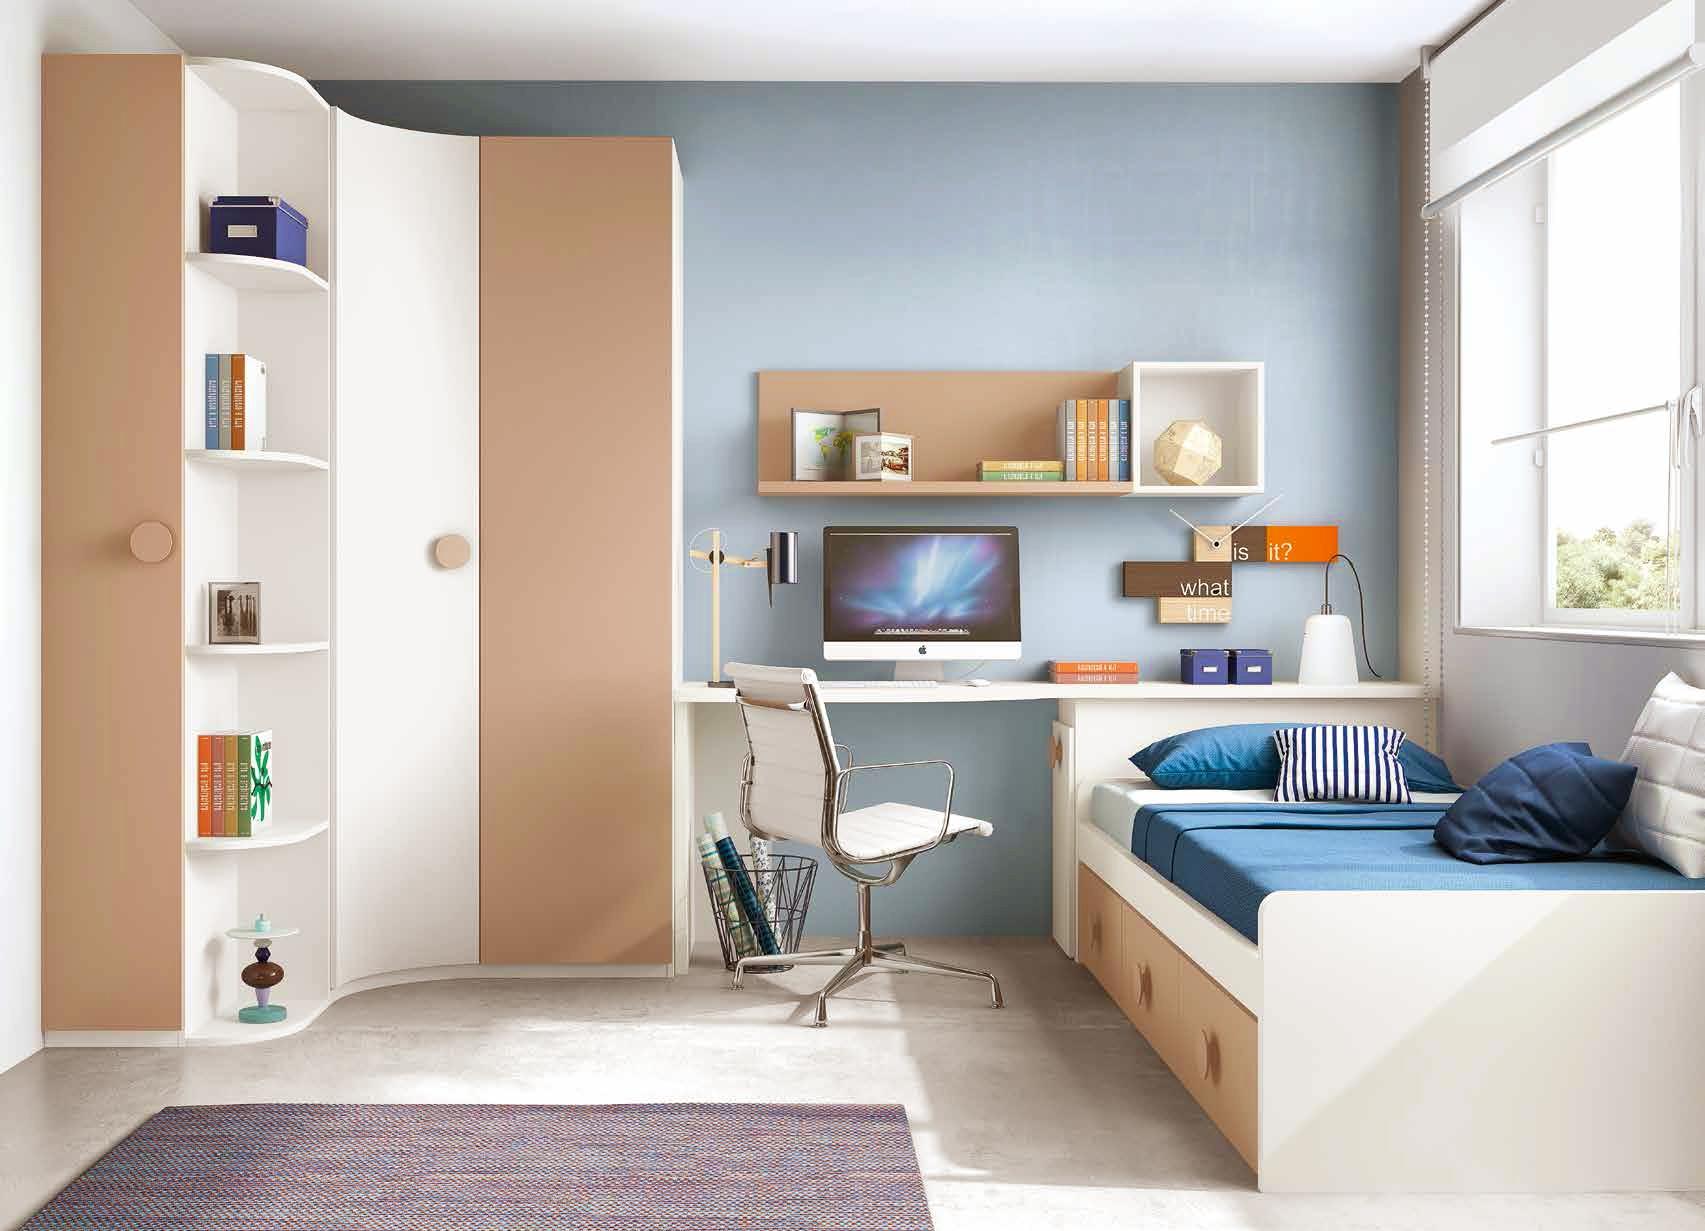 chambre enfant originale avec une armoire d 39 angle glicerio so nuit. Black Bedroom Furniture Sets. Home Design Ideas